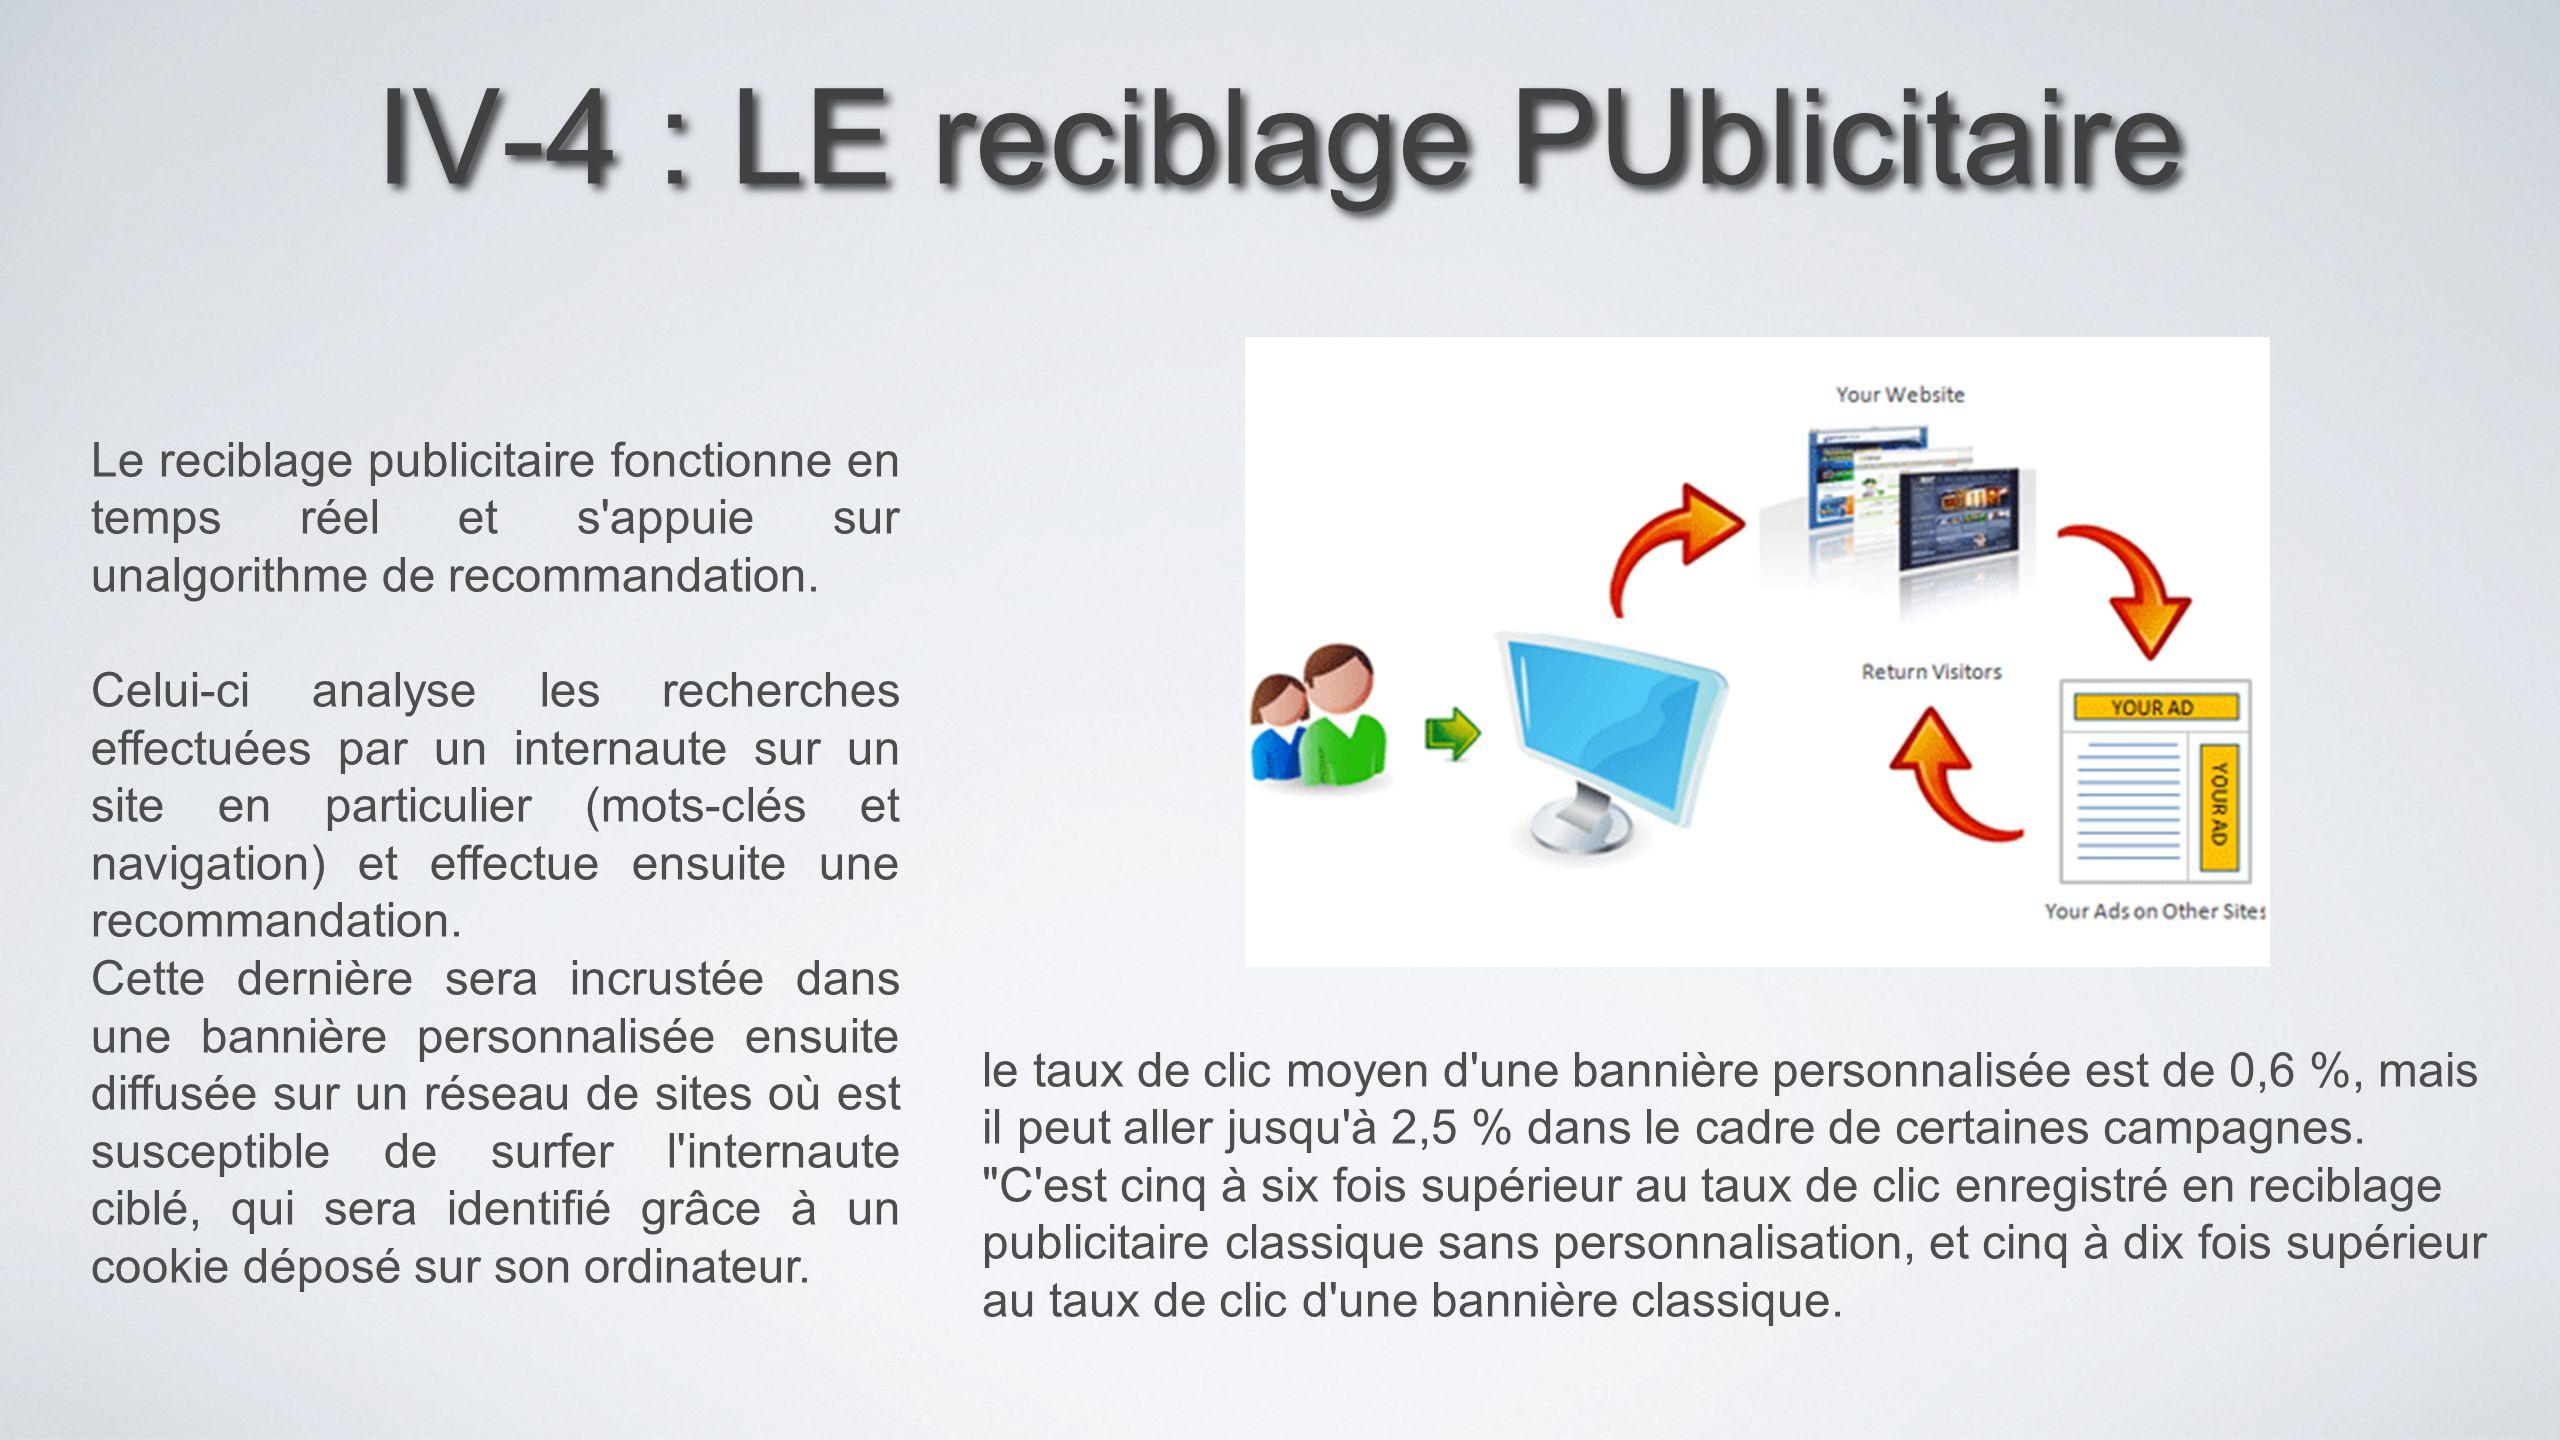 IV-4 : LE reciblage PUblicitaire Le reciblage publicitaire fonctionne en temps réel et s'appuie sur unalgorithme de recommandation. Celui-ci analyse l